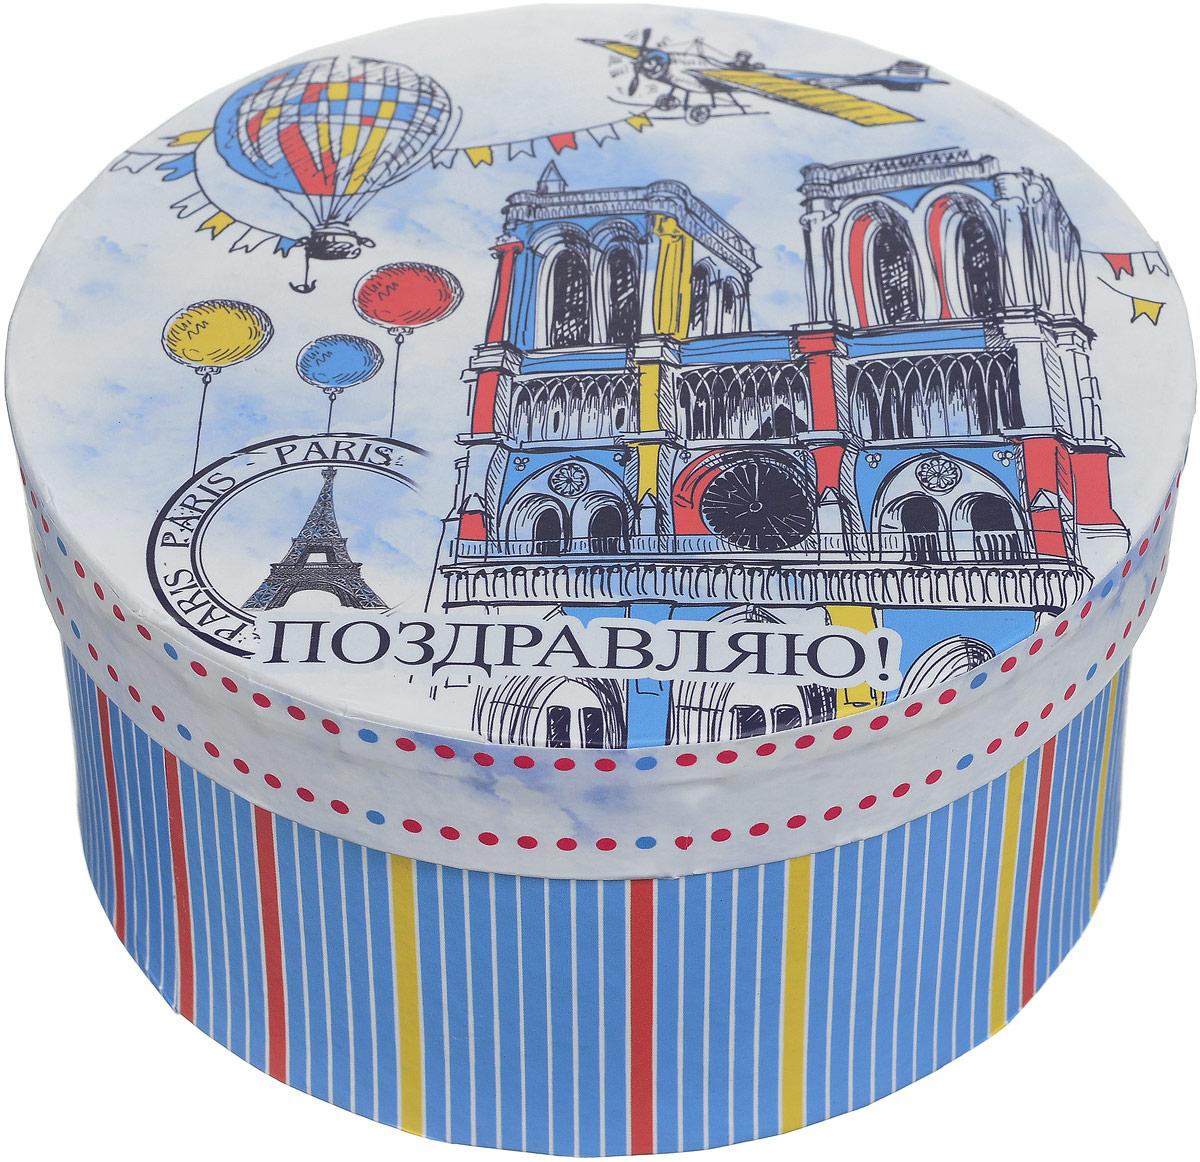 Коробка подарочная Magic Home Нотр-Дам, круглая, 14 х 14 х 7 см44280Подарочная коробка Magic Home Нотр-Дам, выполнена из мелованного ламинированного картона. Коробочка оформлена ярким рисунком. Изделие имеет круглую форму и закрывается крышкой с надписью Поздравляю!. Подарочная коробка - это наилучшее решение, если вы хотите порадовать близких людей и создать праздничное настроение, ведь подарок, преподнесенный в оригинальной упаковке, всегда будет самым эффектным и запоминающимся. Окружите близких людей вниманием и заботой, вручив презент в нарядном, праздничном оформлении.Плотность картона: 1100 г/м2.